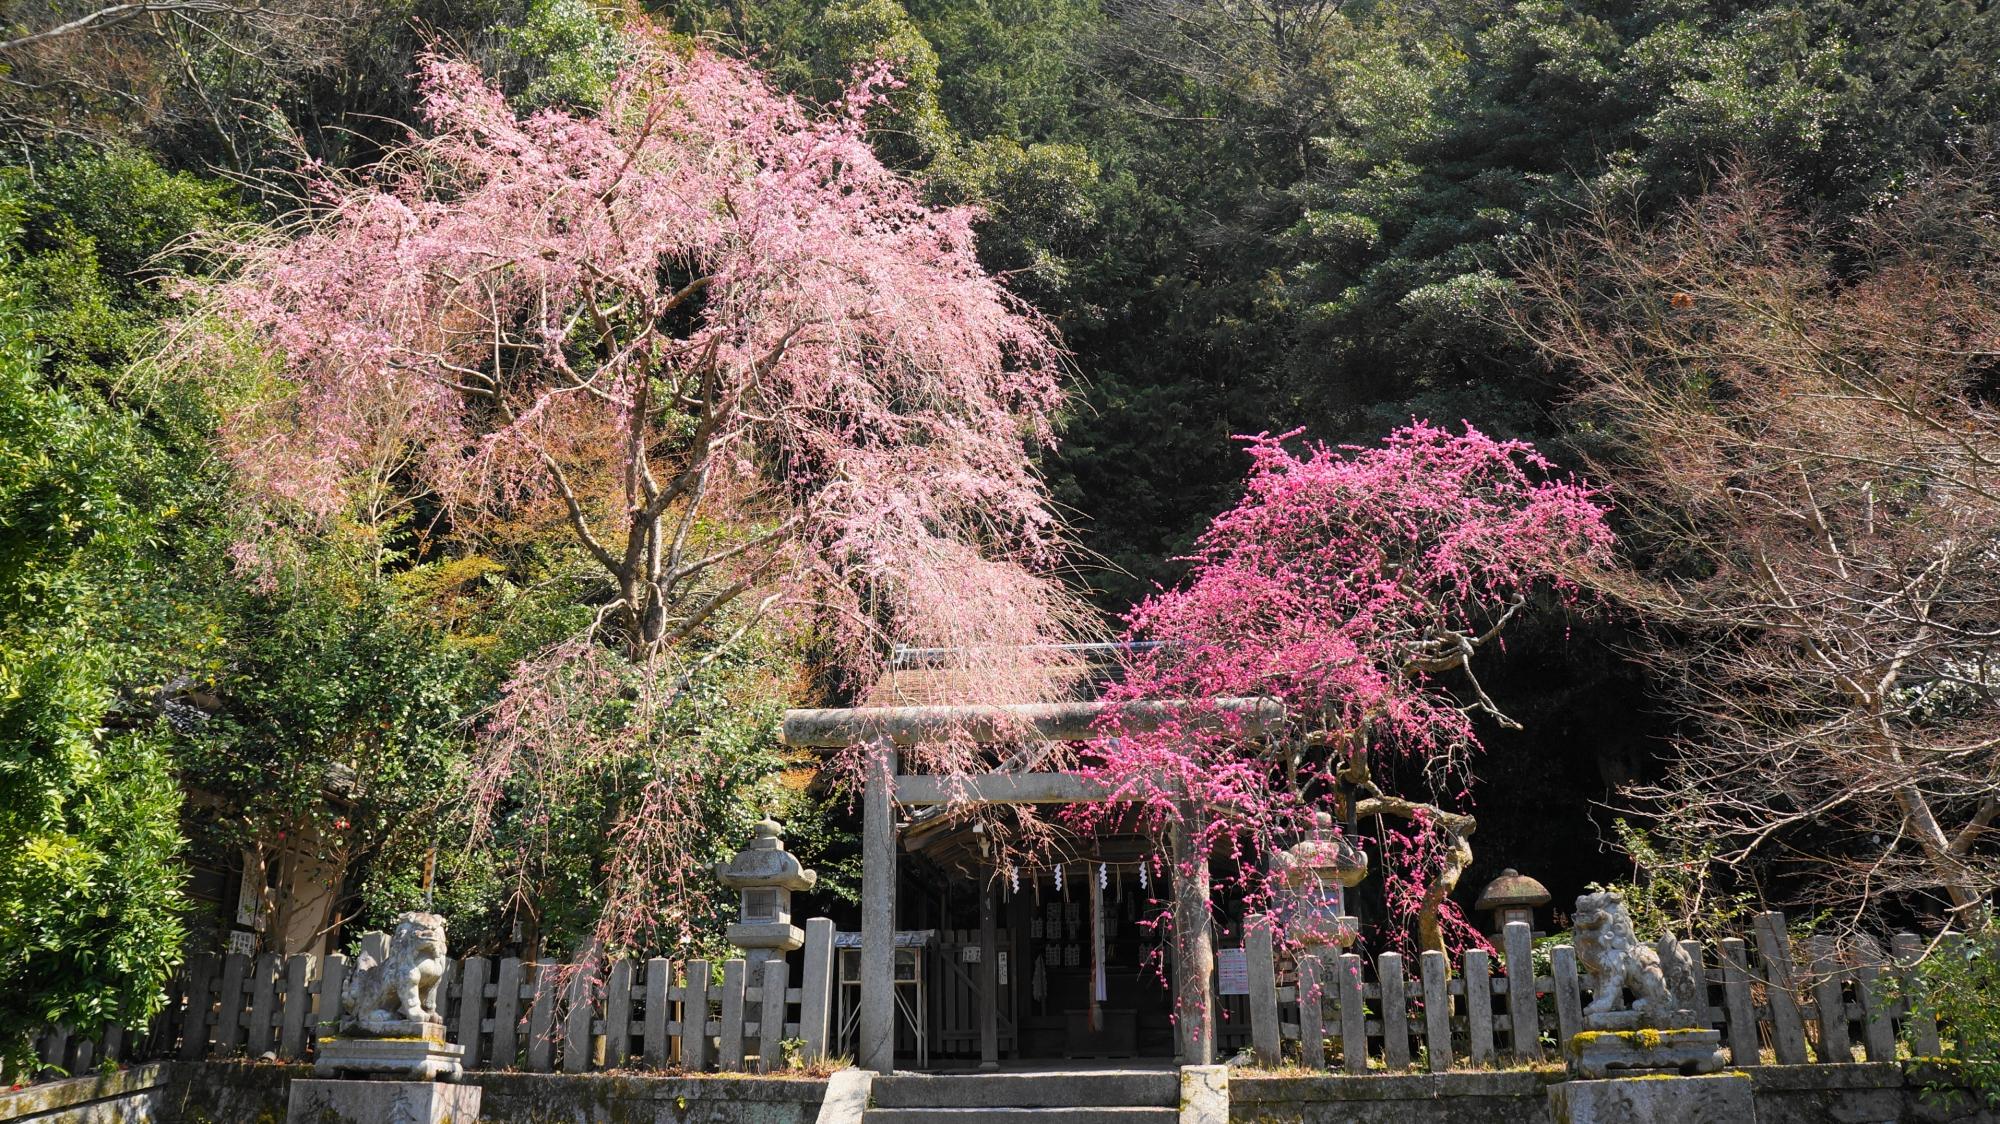 大豊神社の本殿前のしだれ梅としだれ桜